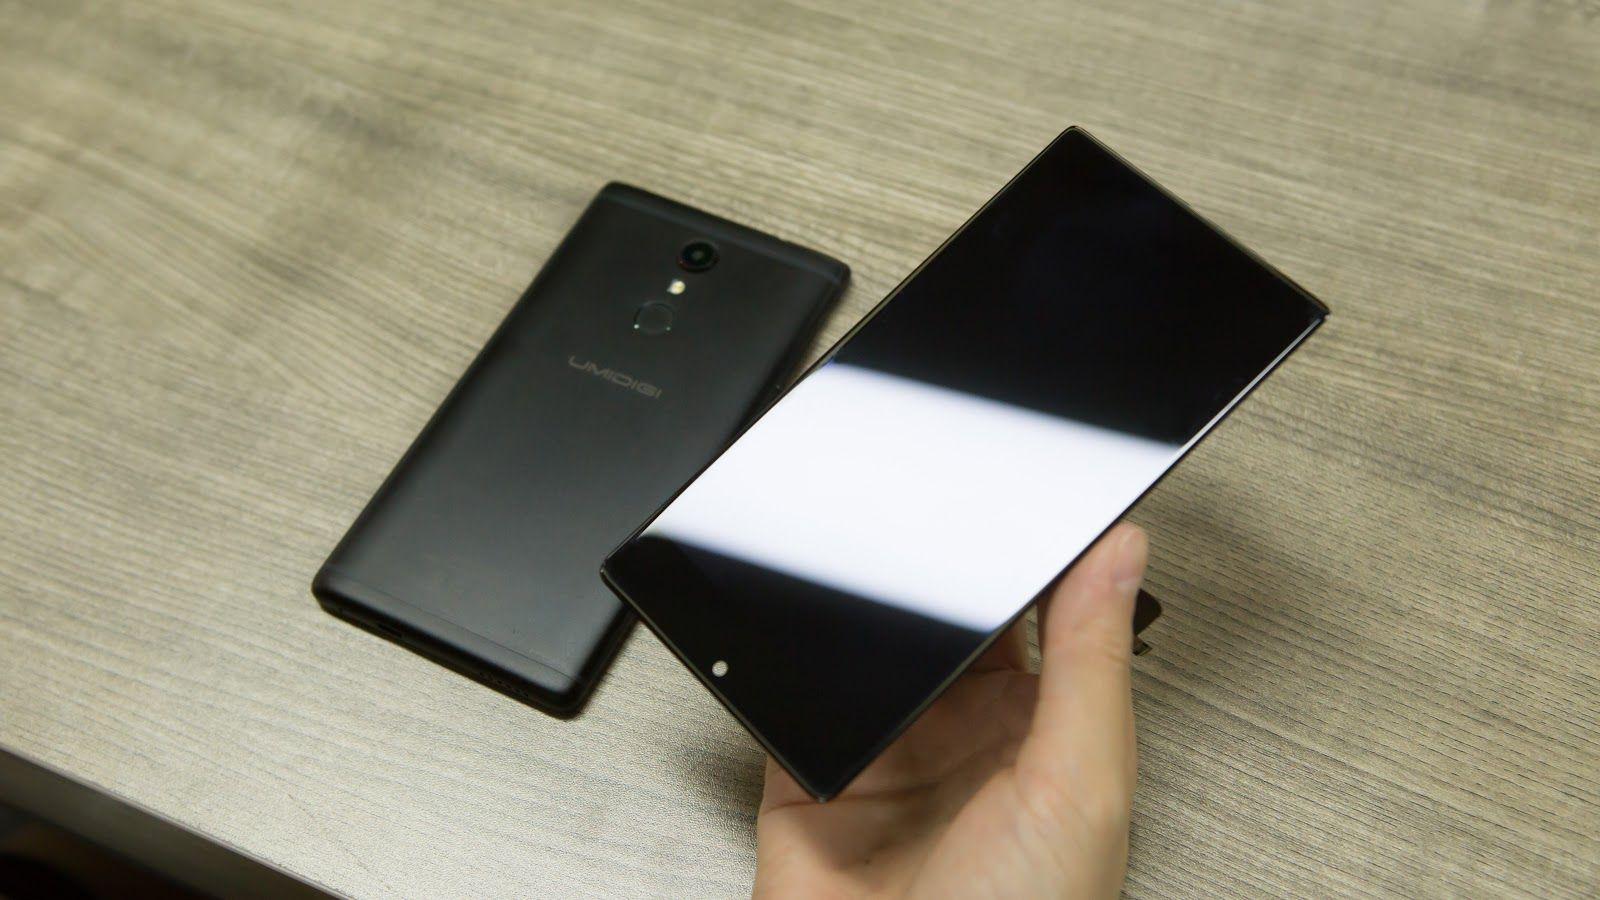 El UMIDIGI Crystal llevara pantalla Sharp alh5_googleusercontent_com_msgxp7ng4t8j7yyksw20agli8mlkwl7vjsr602abd38d8ce3376235c3f22998d2a40-jpg.288836